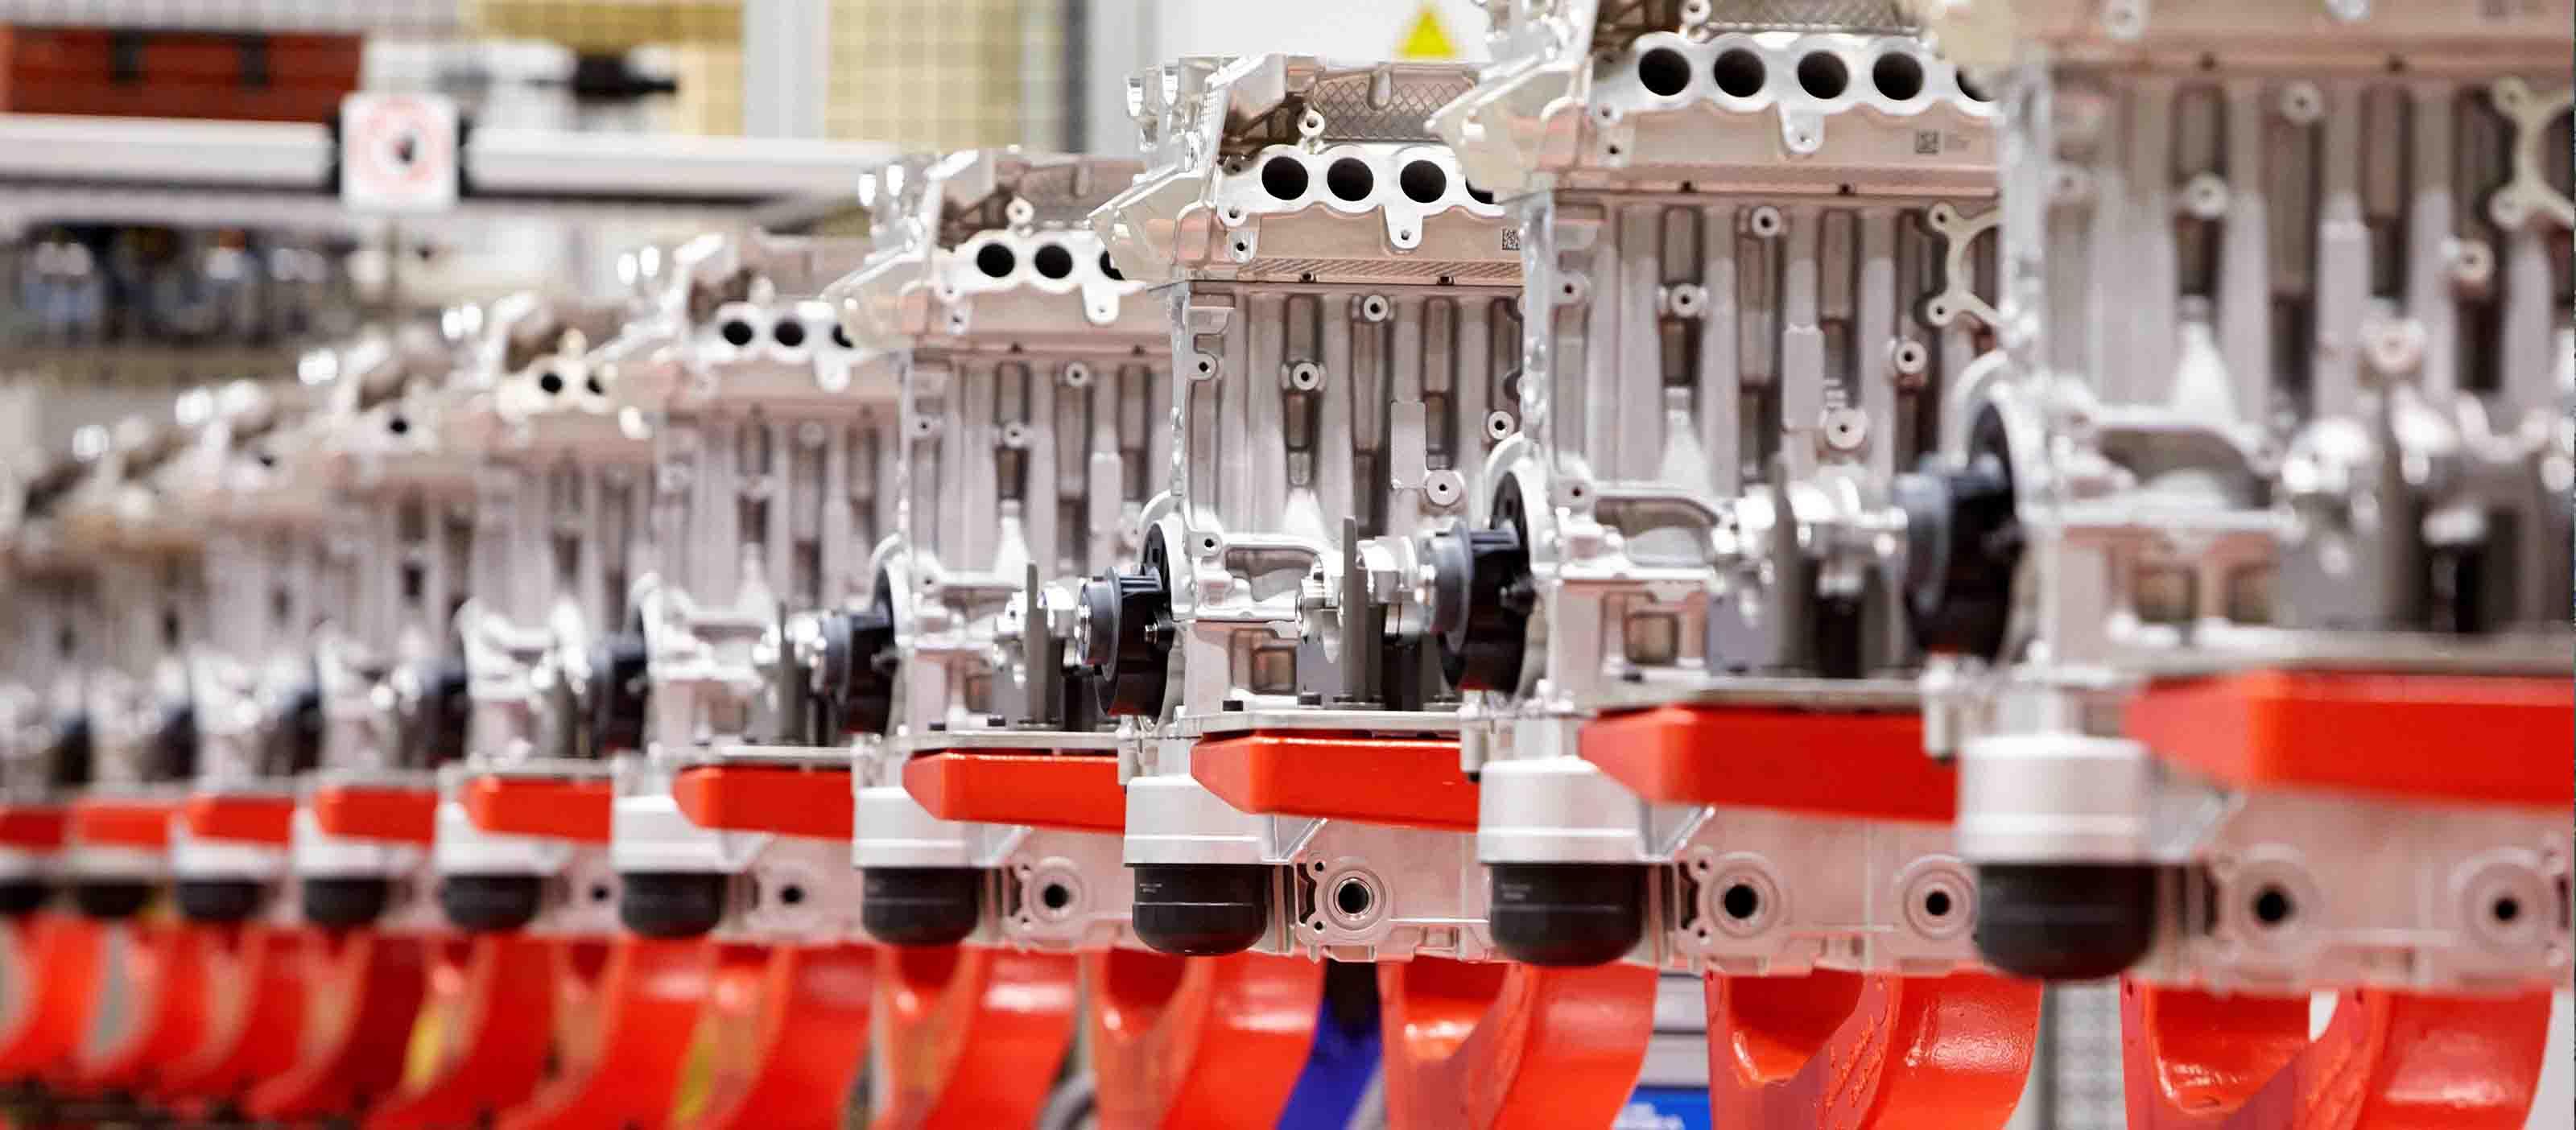 Volvo Car Engine | MES Journey | GE Digital MES Software